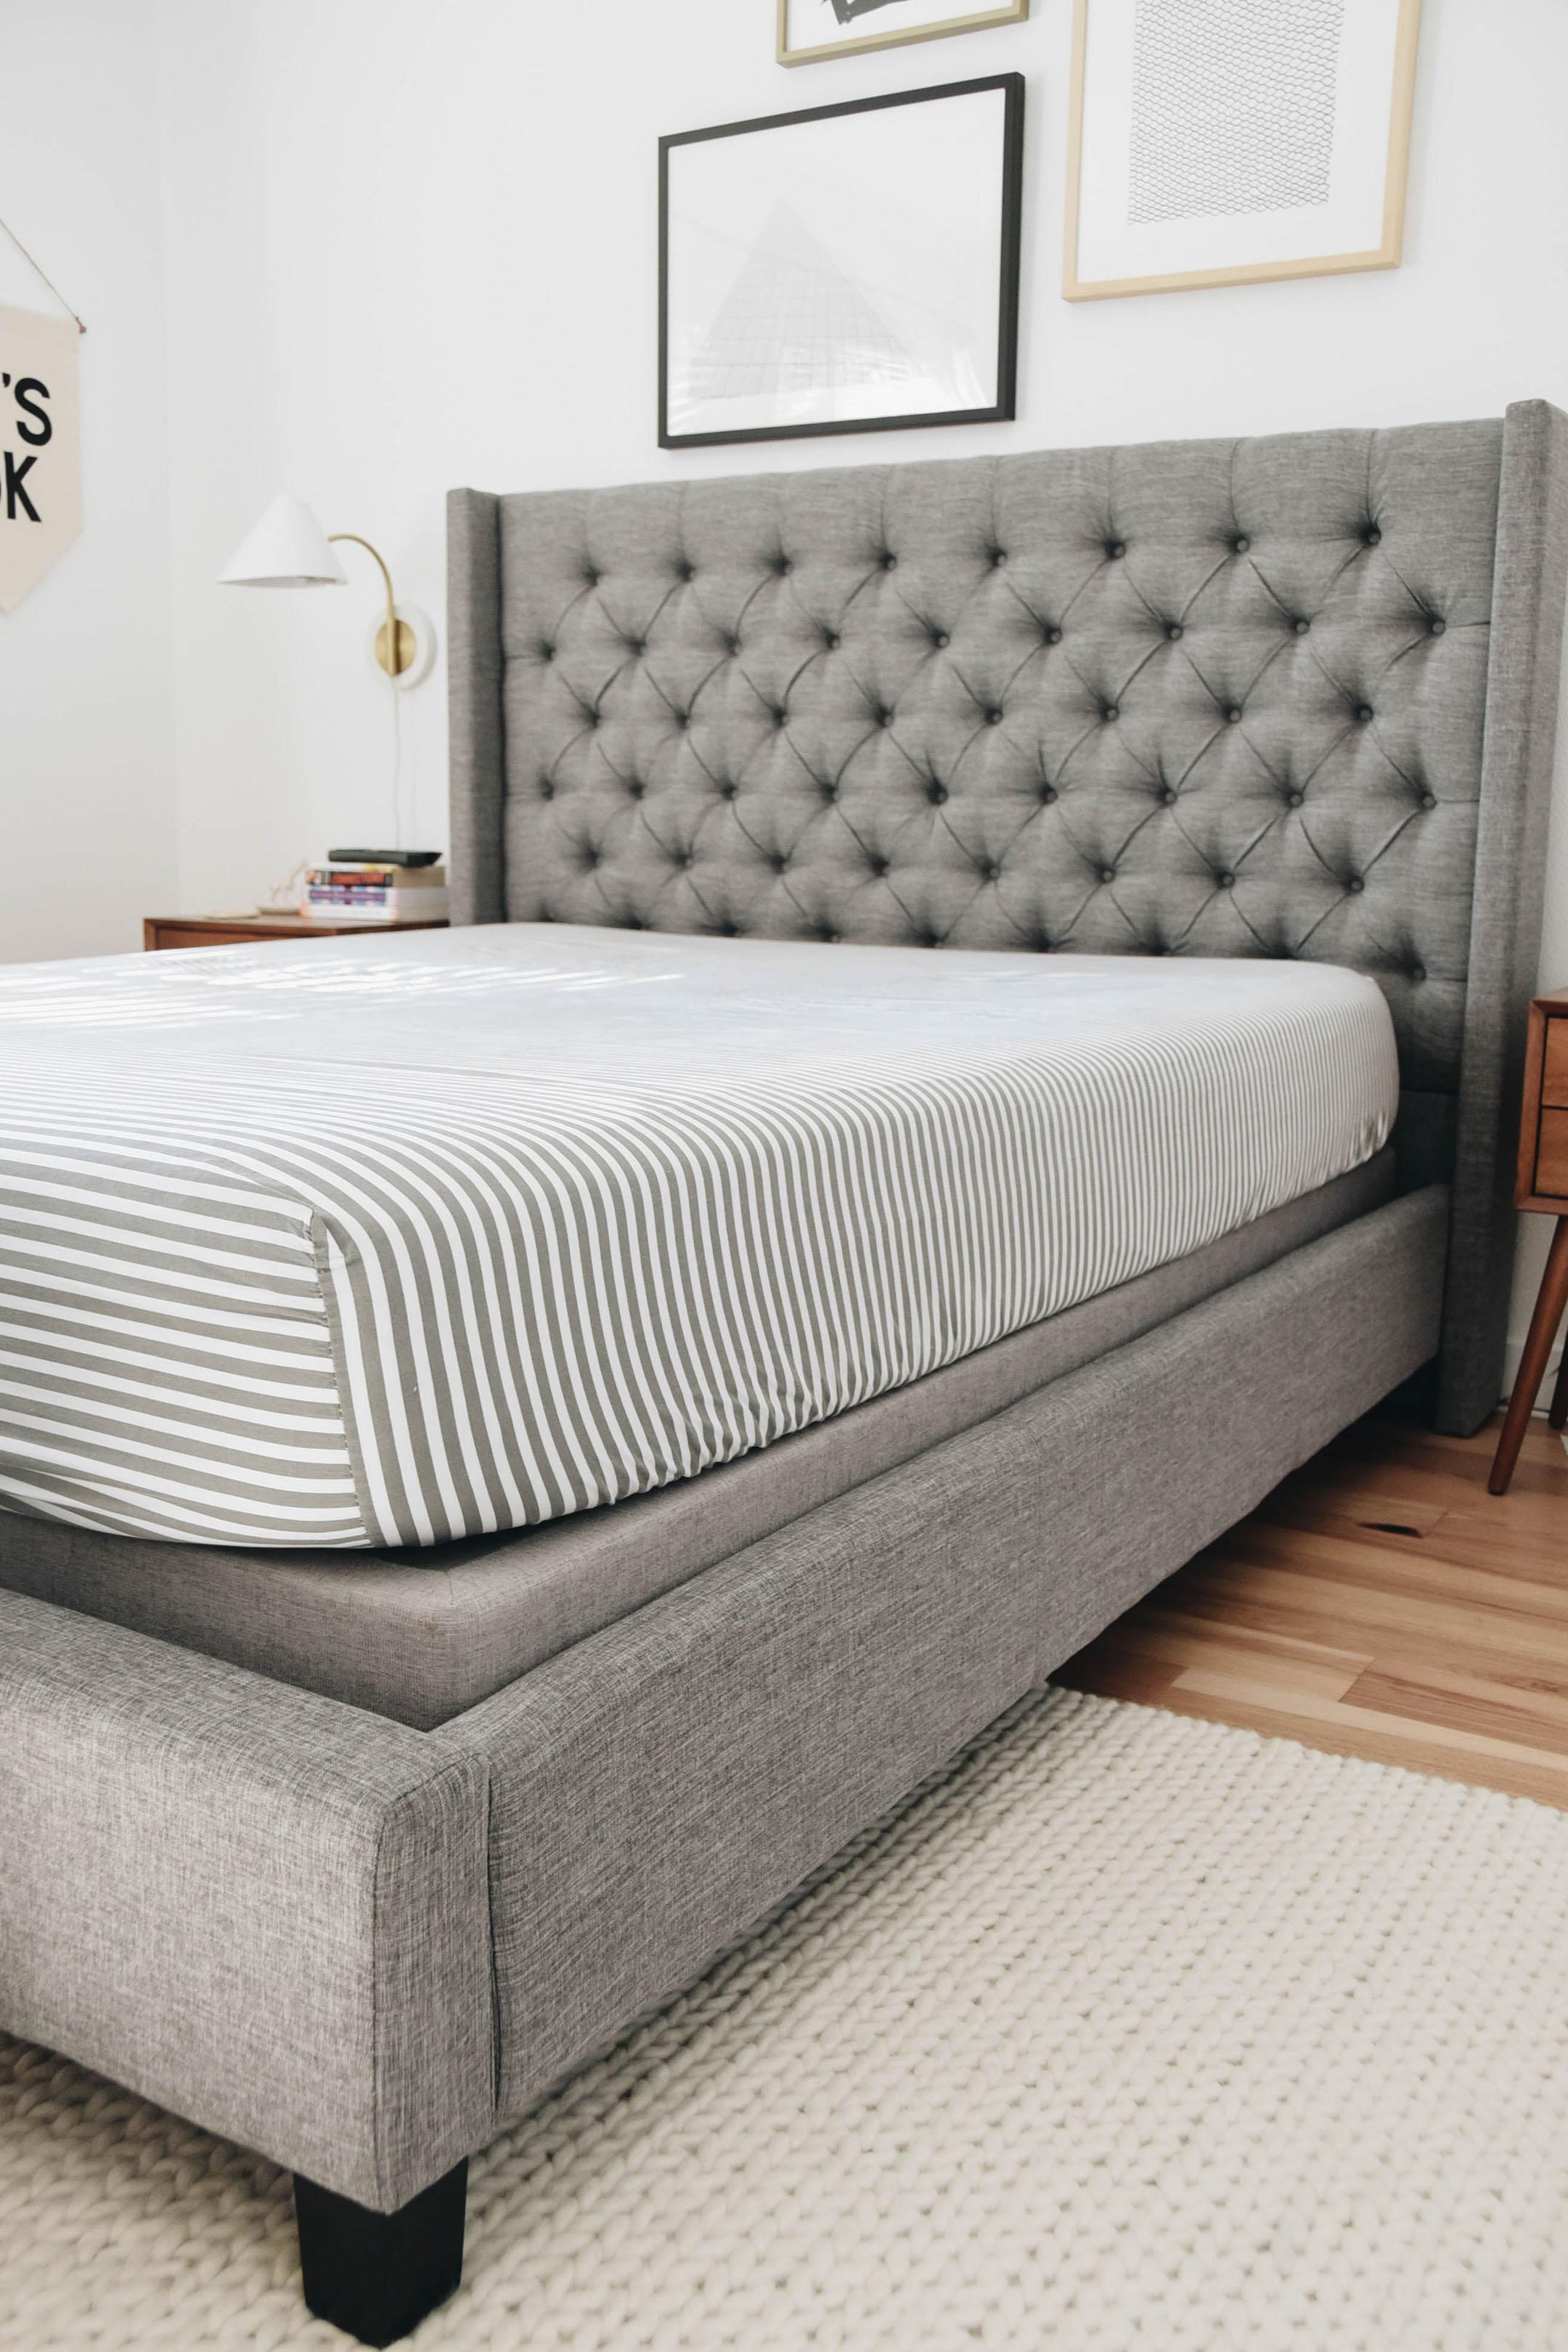 Best Upholstered Bed Frames